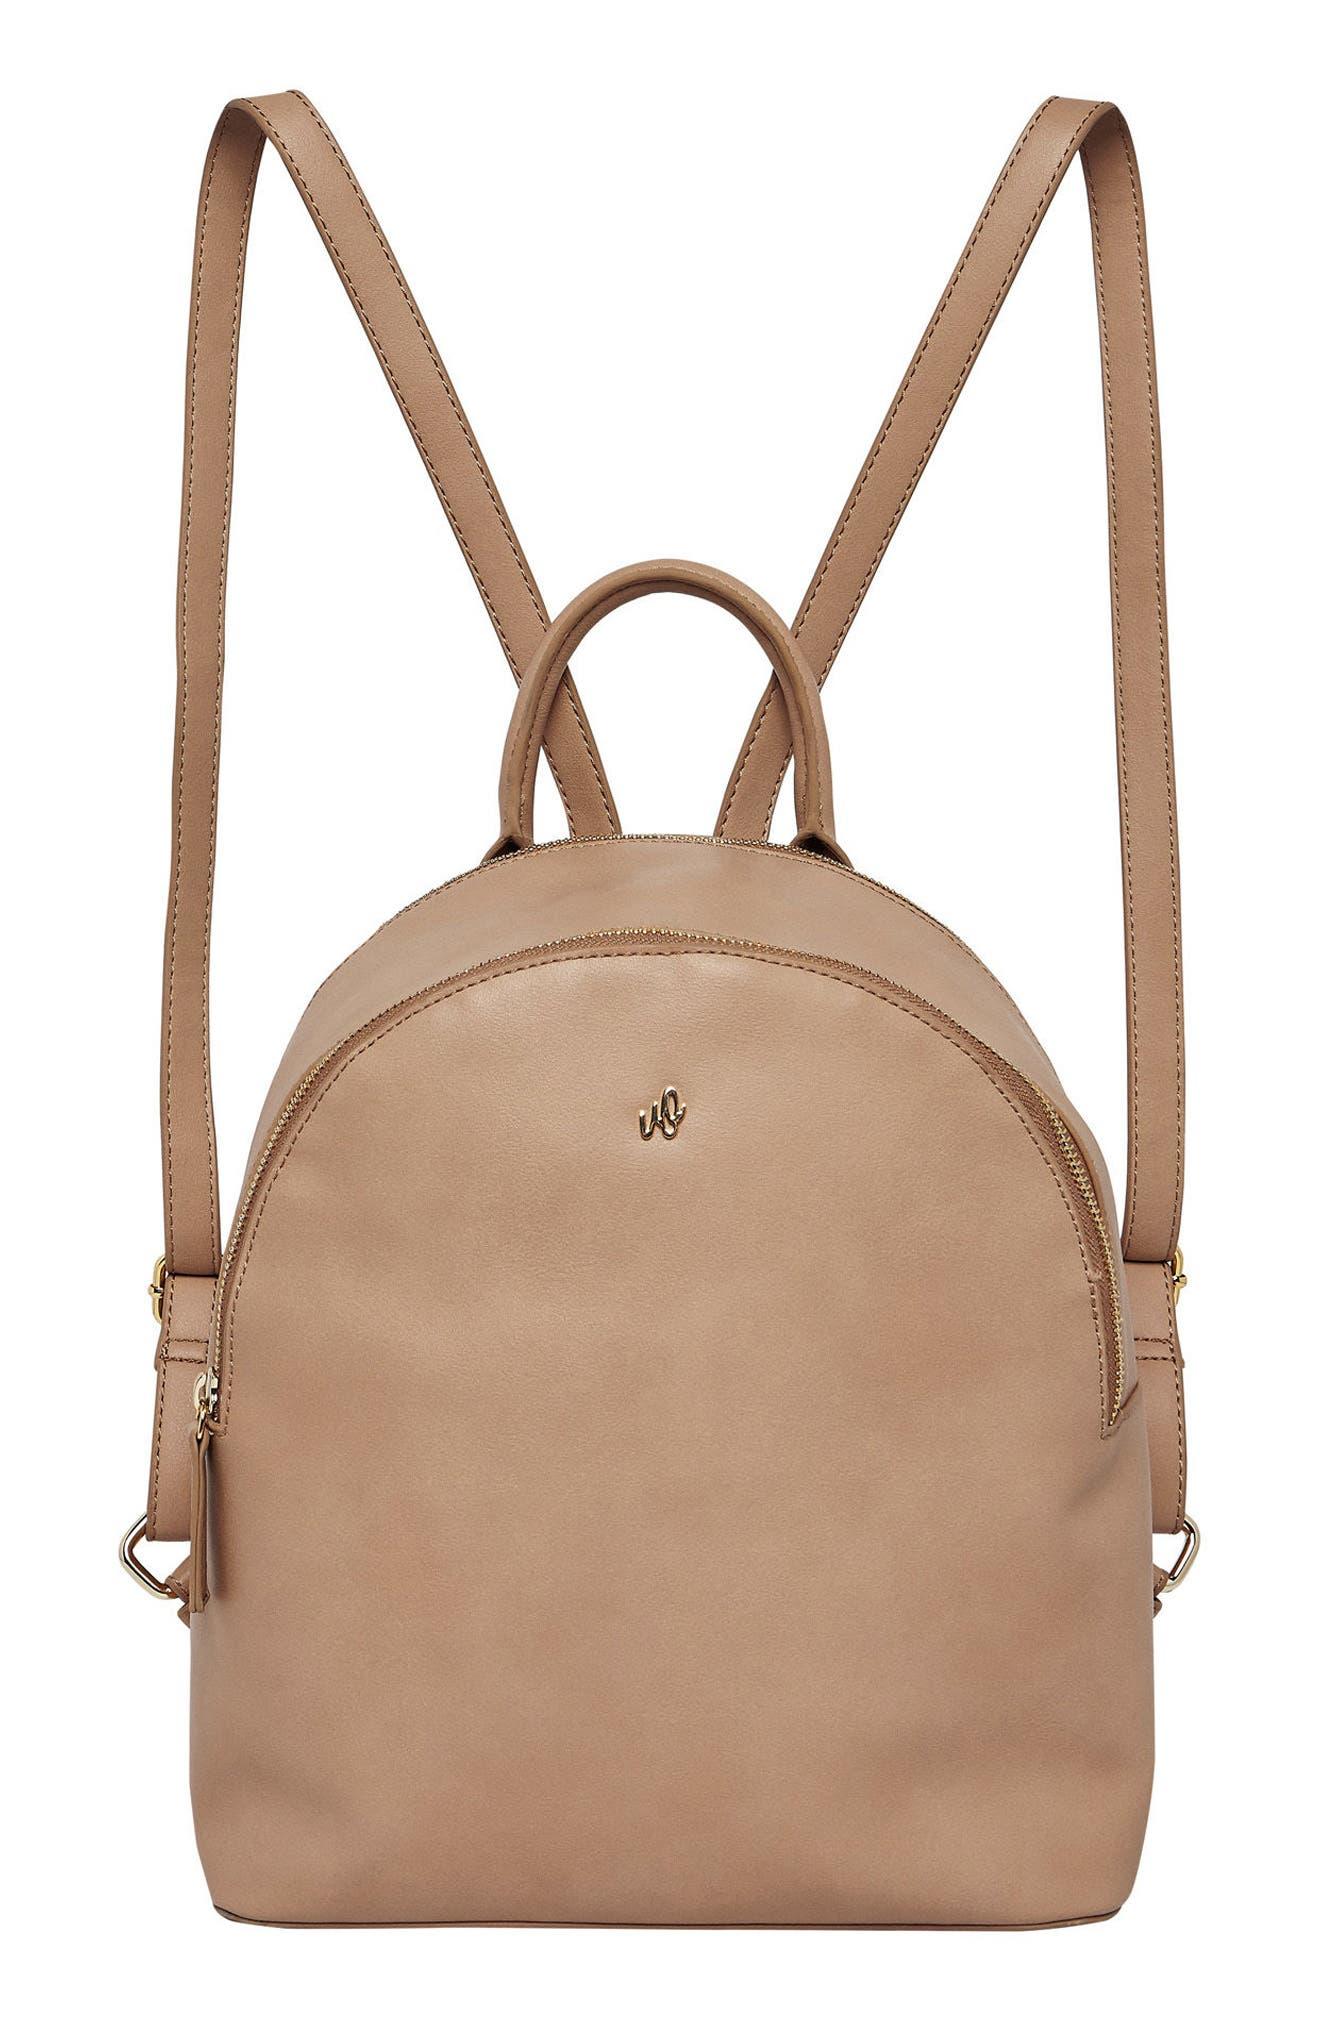 Urban Originals Magic Vegan Leather Backpack